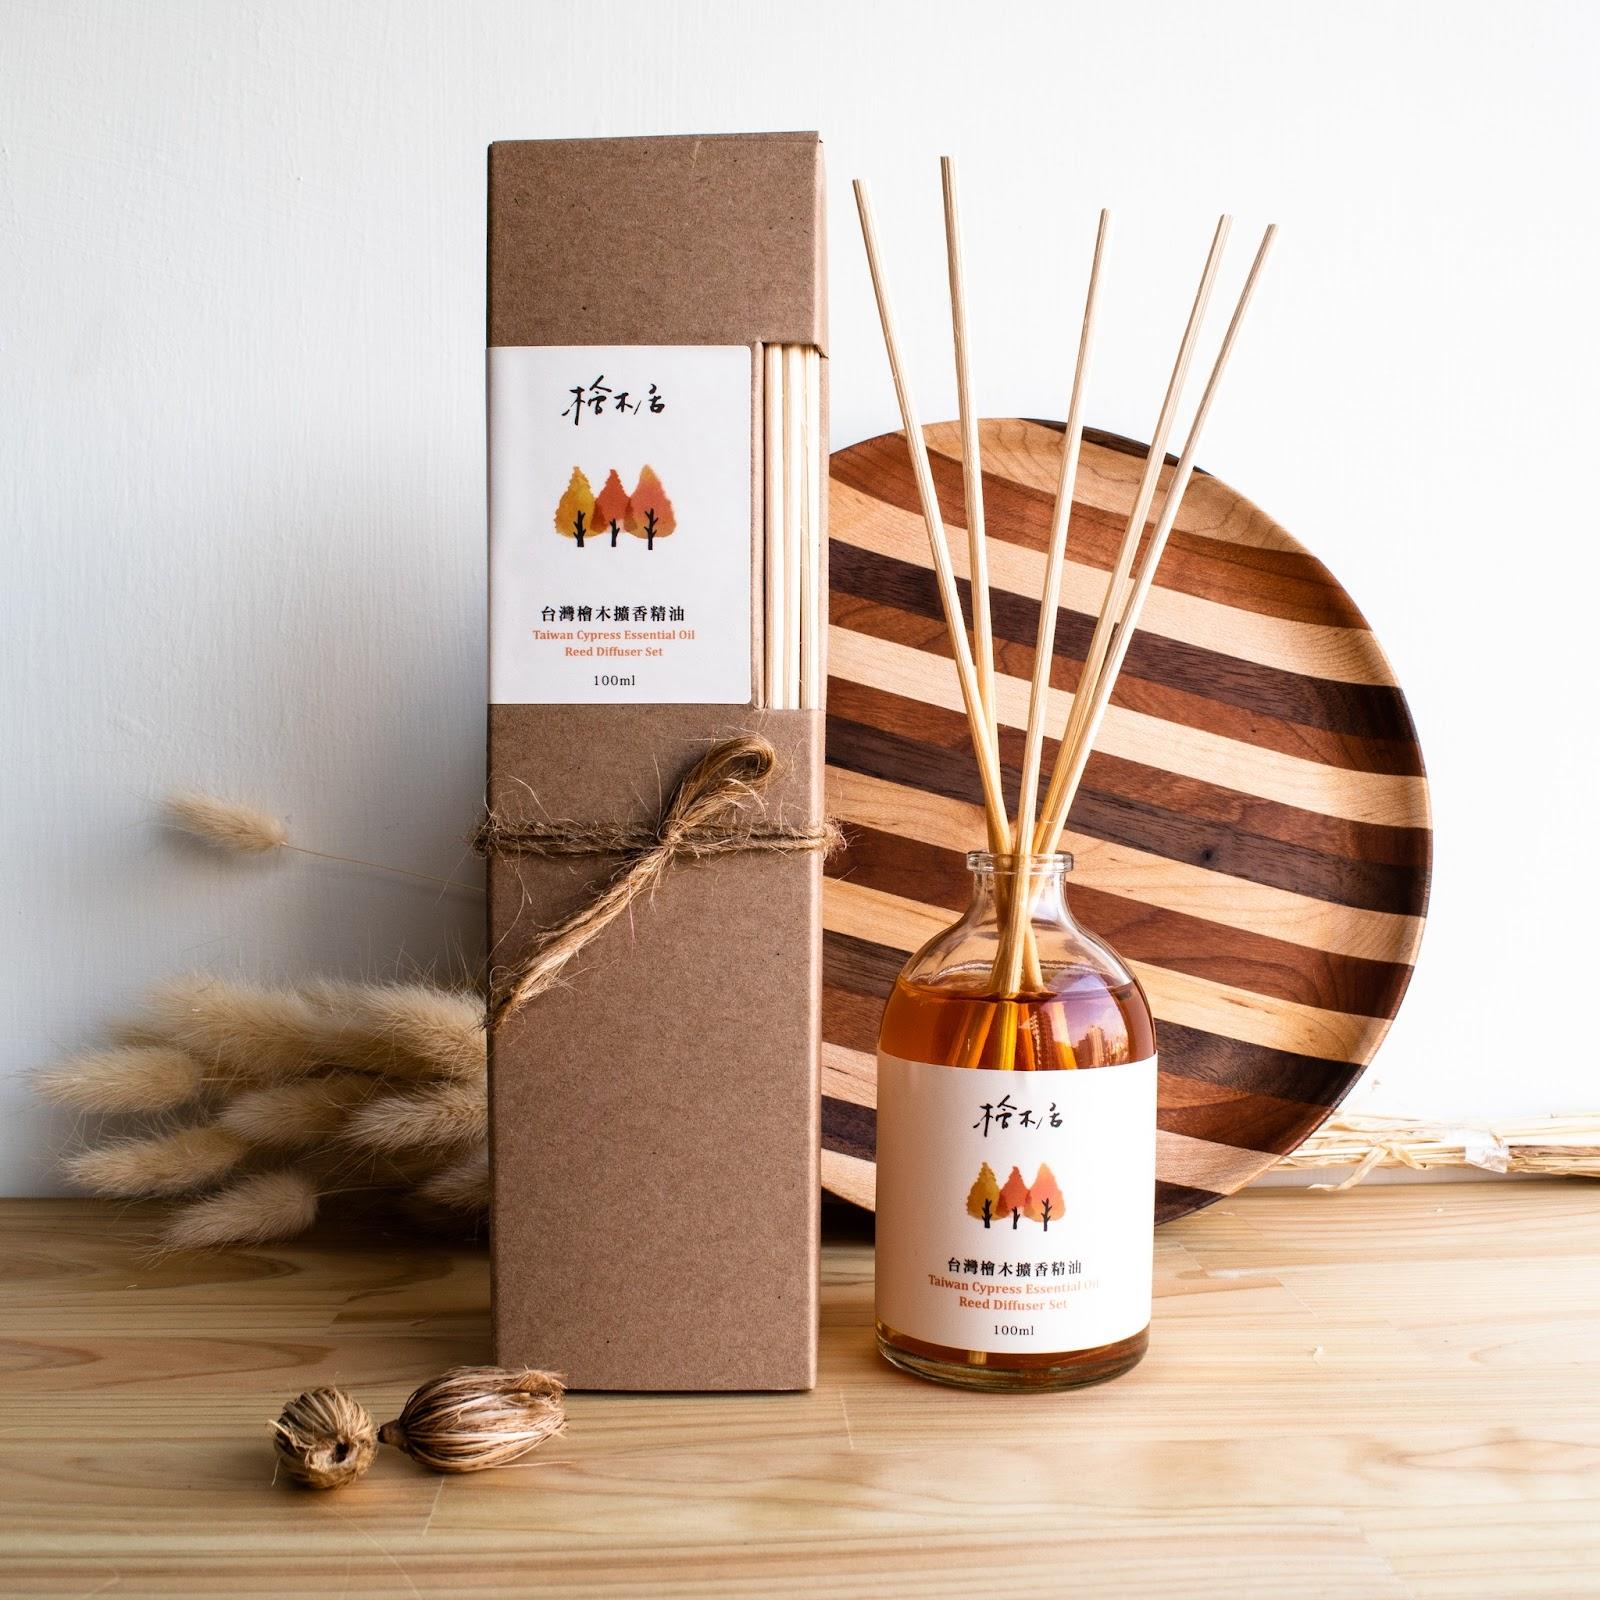 香氣溫暖舒服,台灣檜木擴香精油